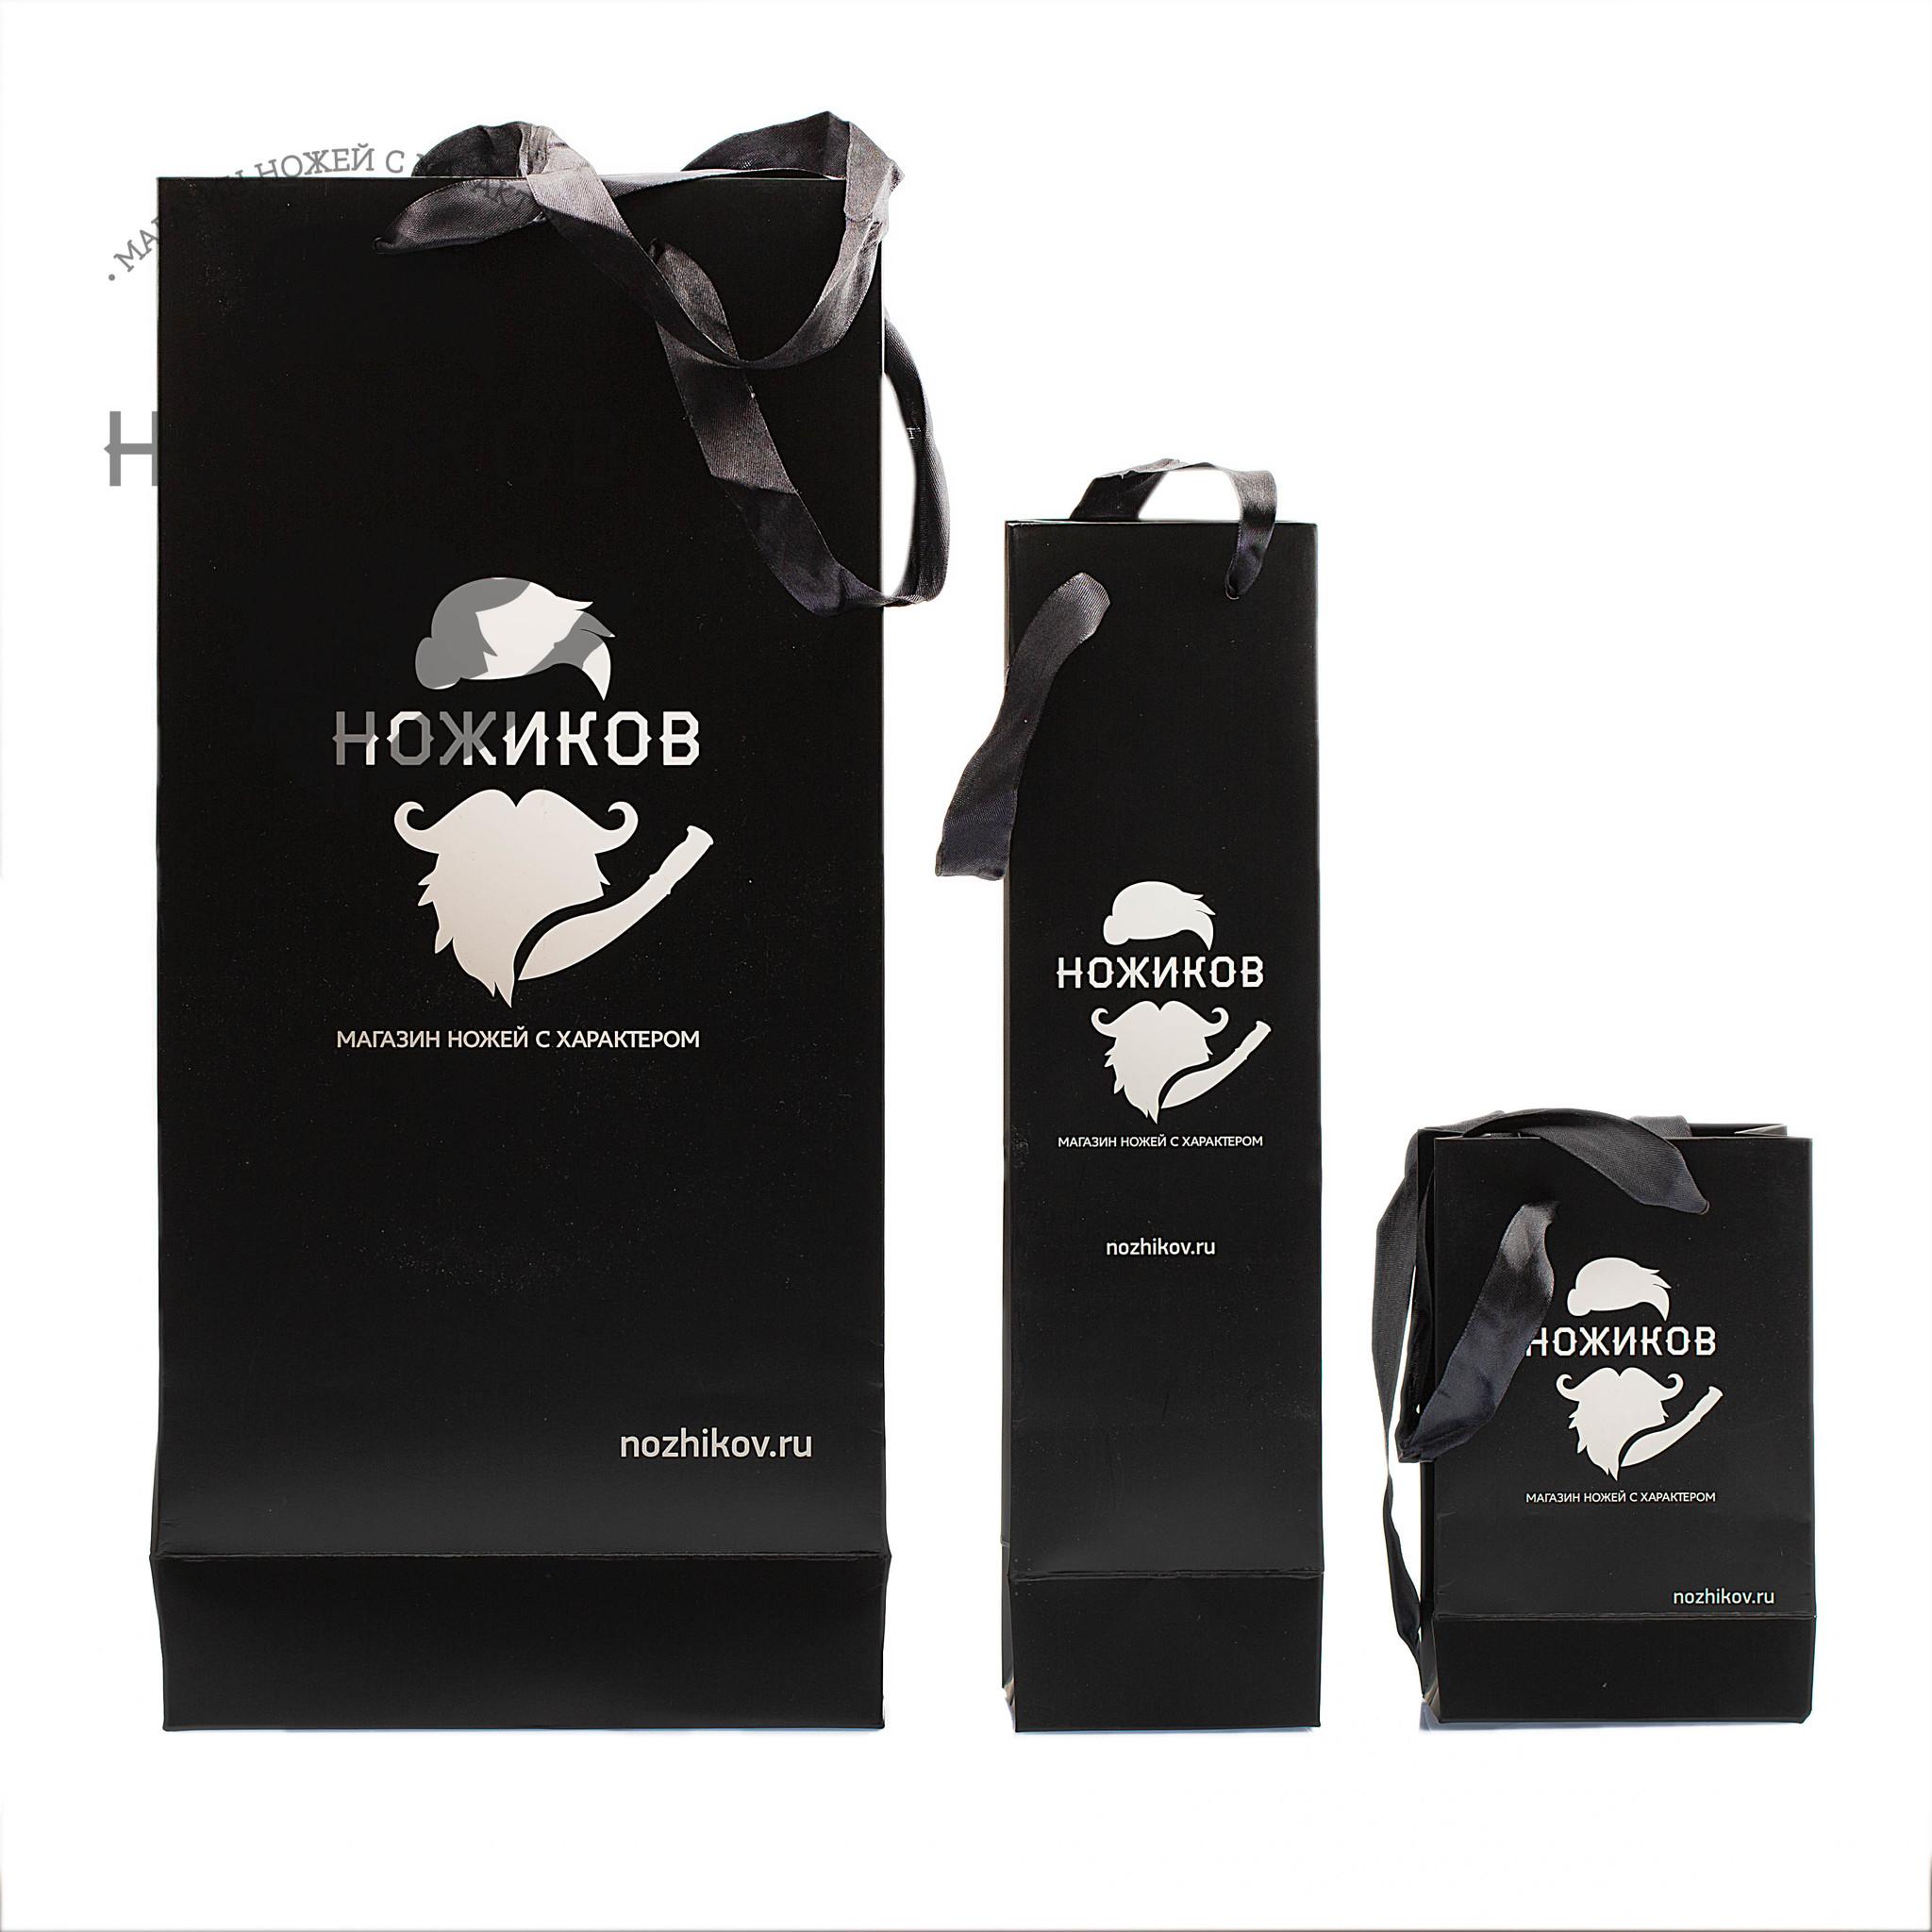 Фото 15 - Подарочный пакет, размеры 45х21х10 от Nozhikov